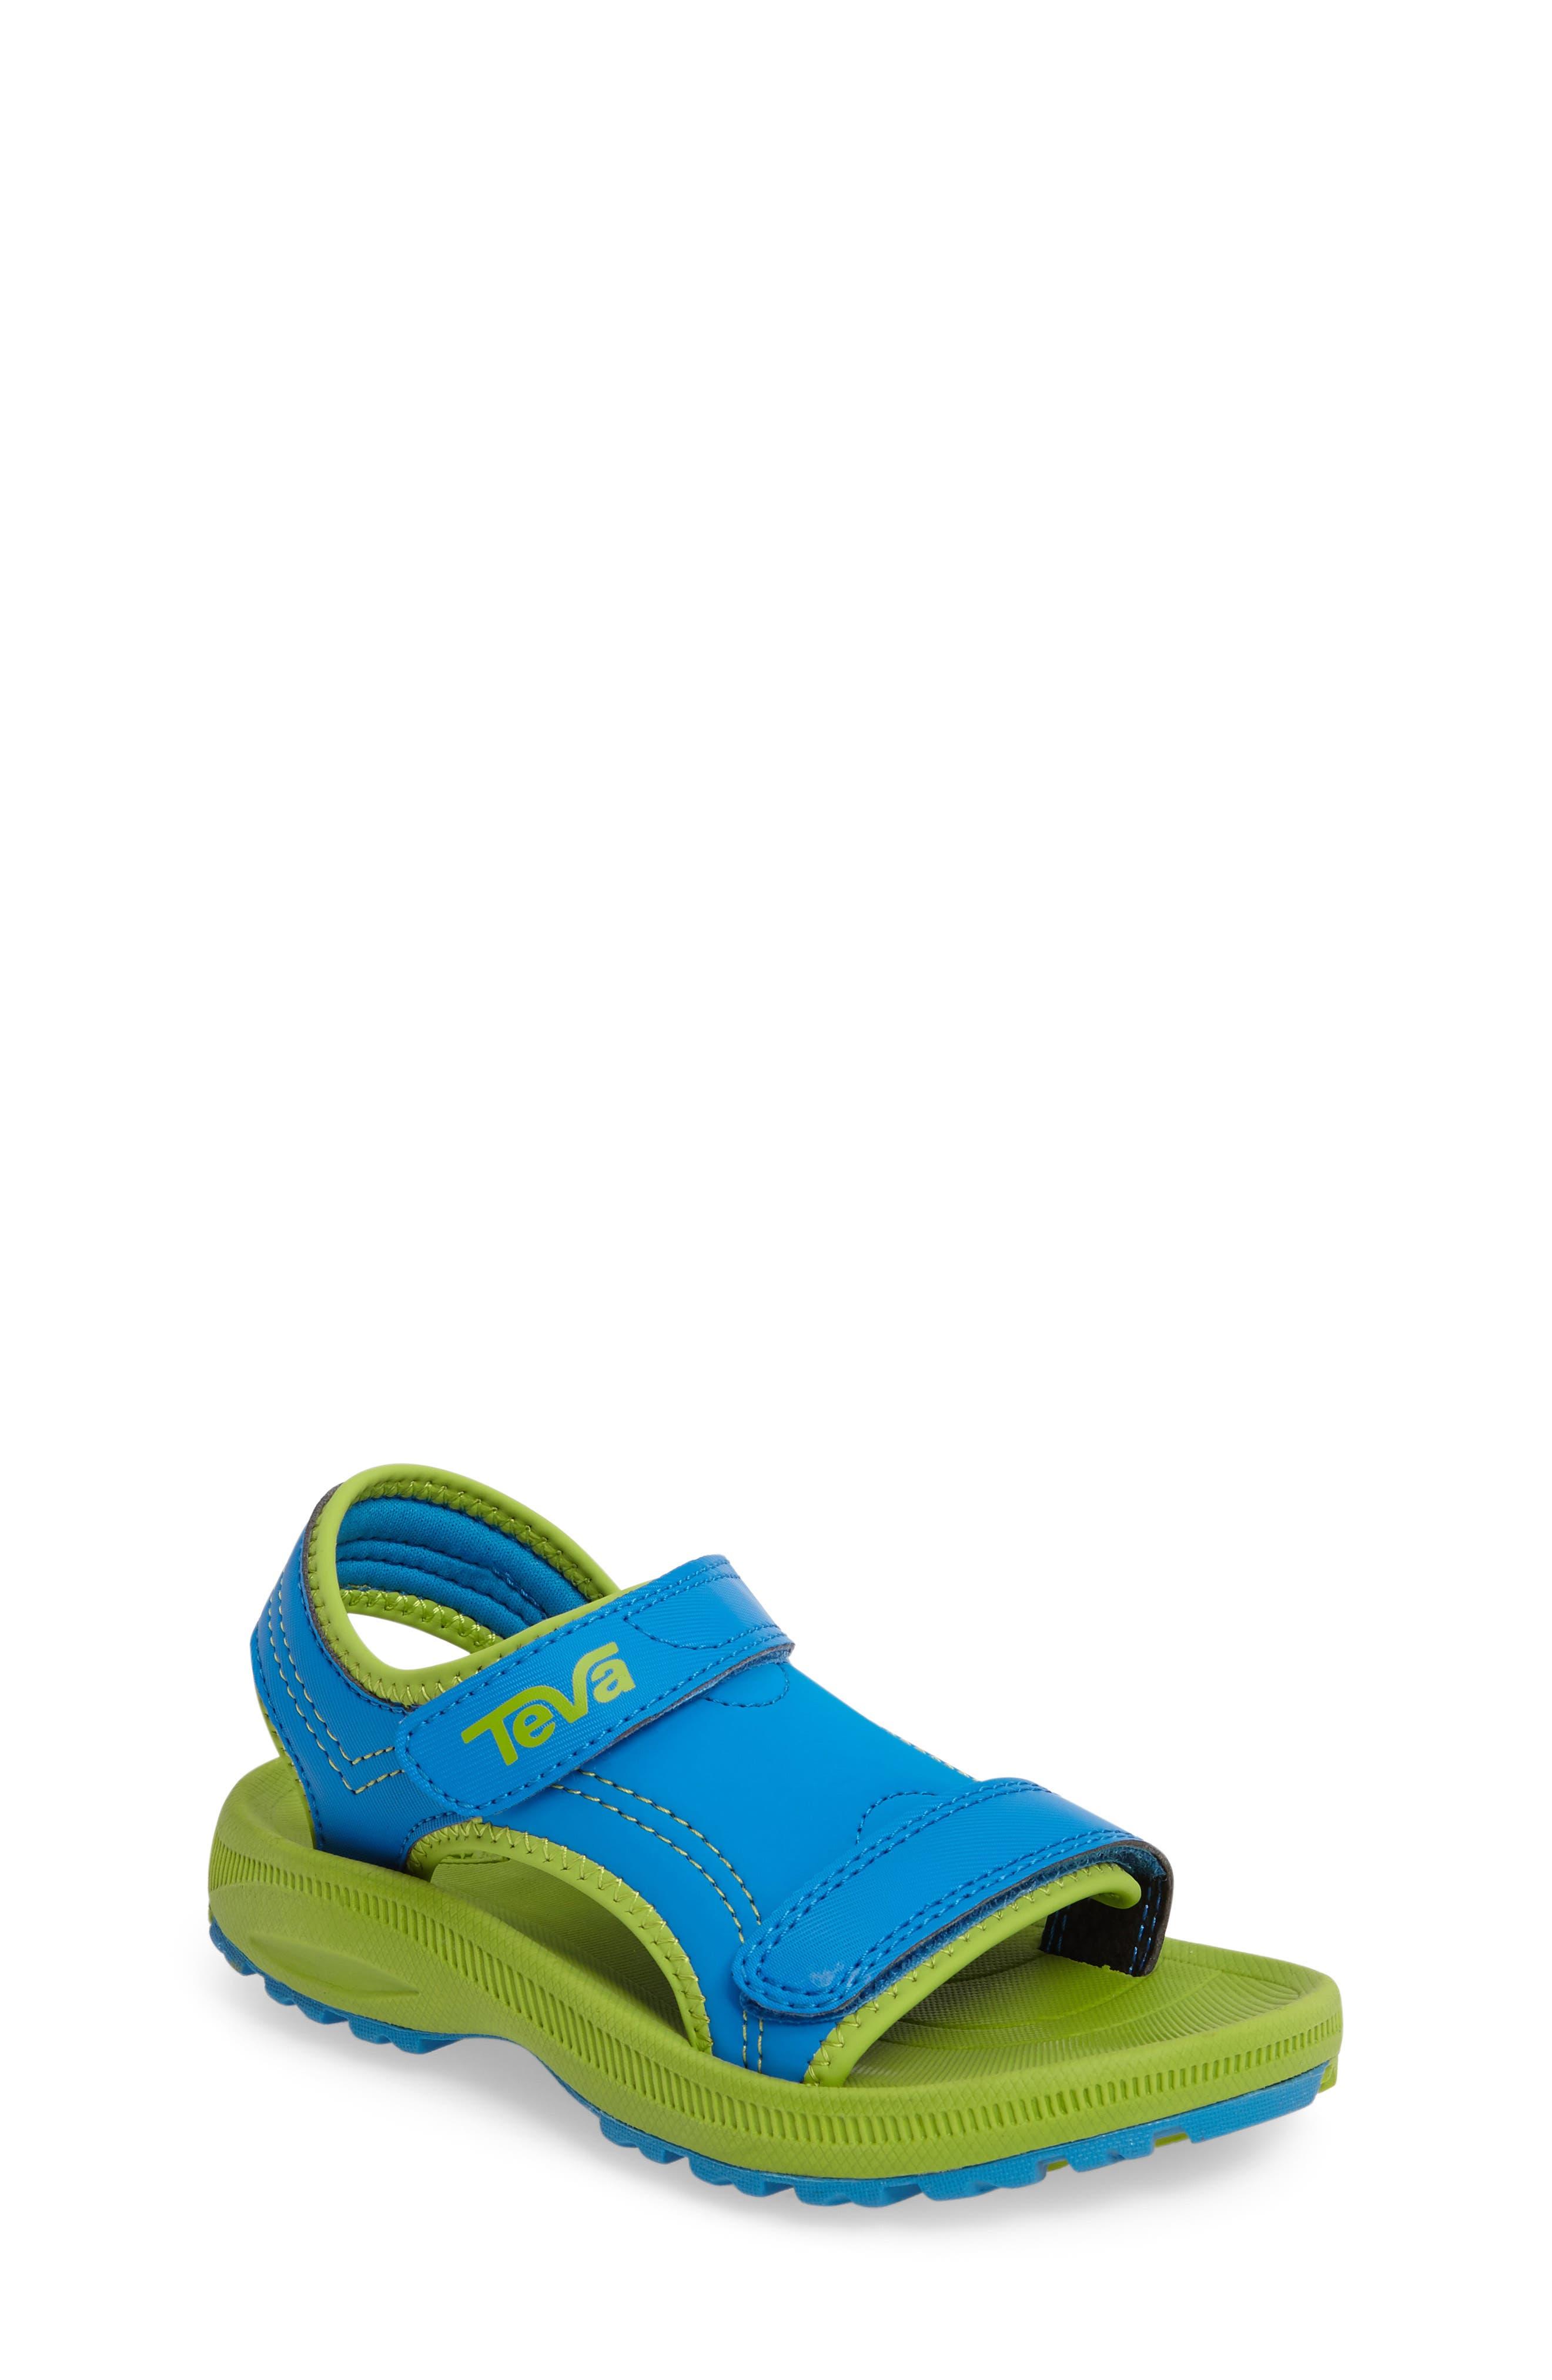 Teva 'Psyclone 5' Sandal (Baby, Walker, Toddler & Little Kid)